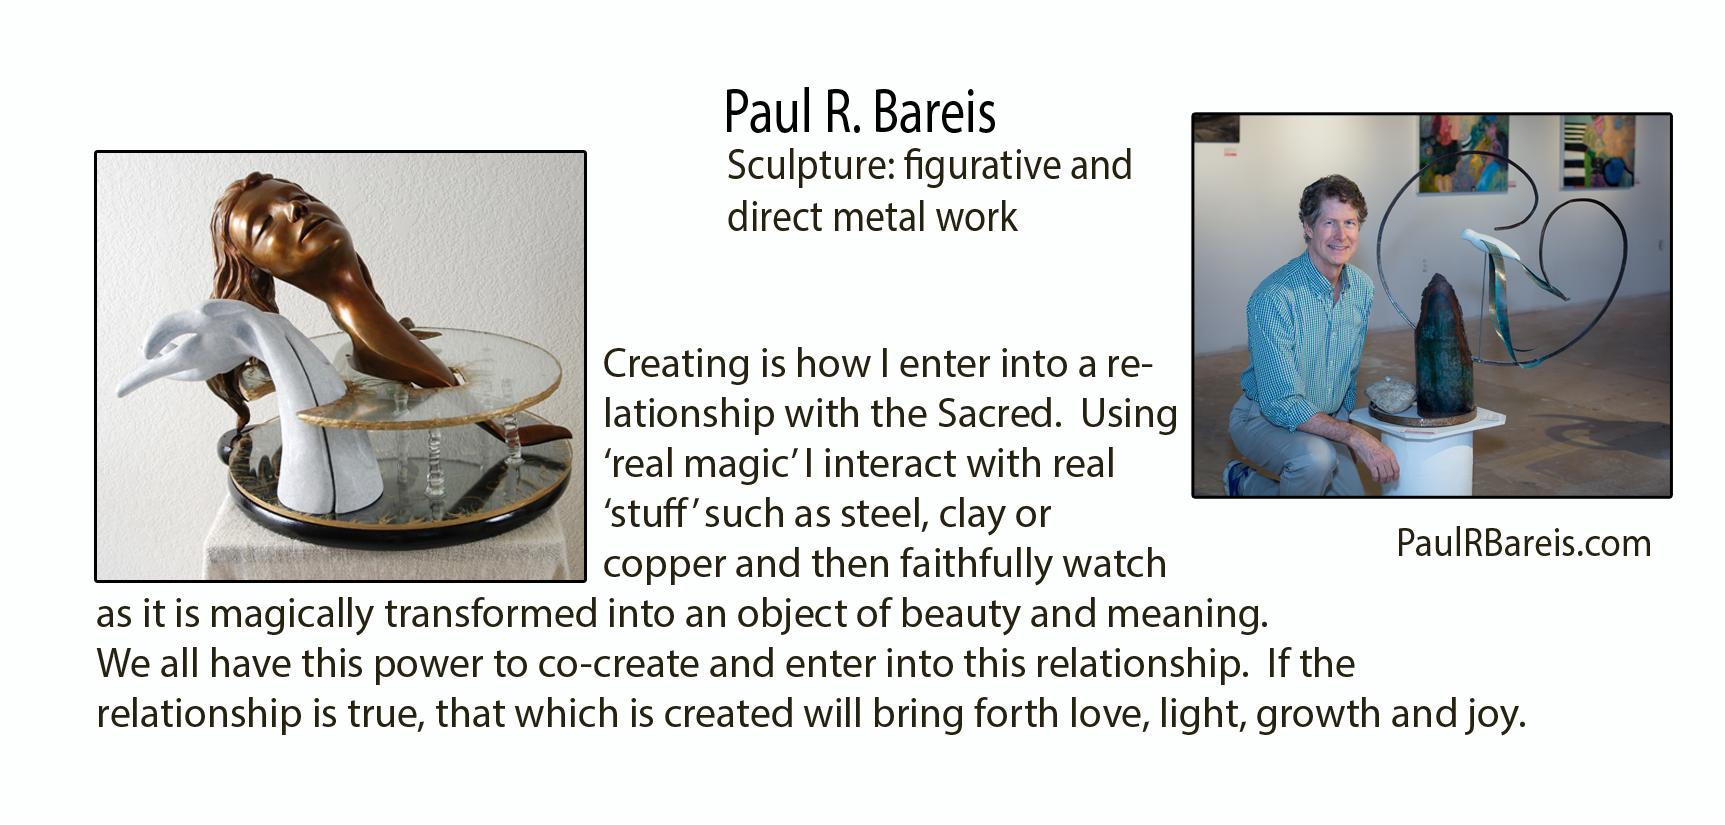 Paul profile for FB.jpg